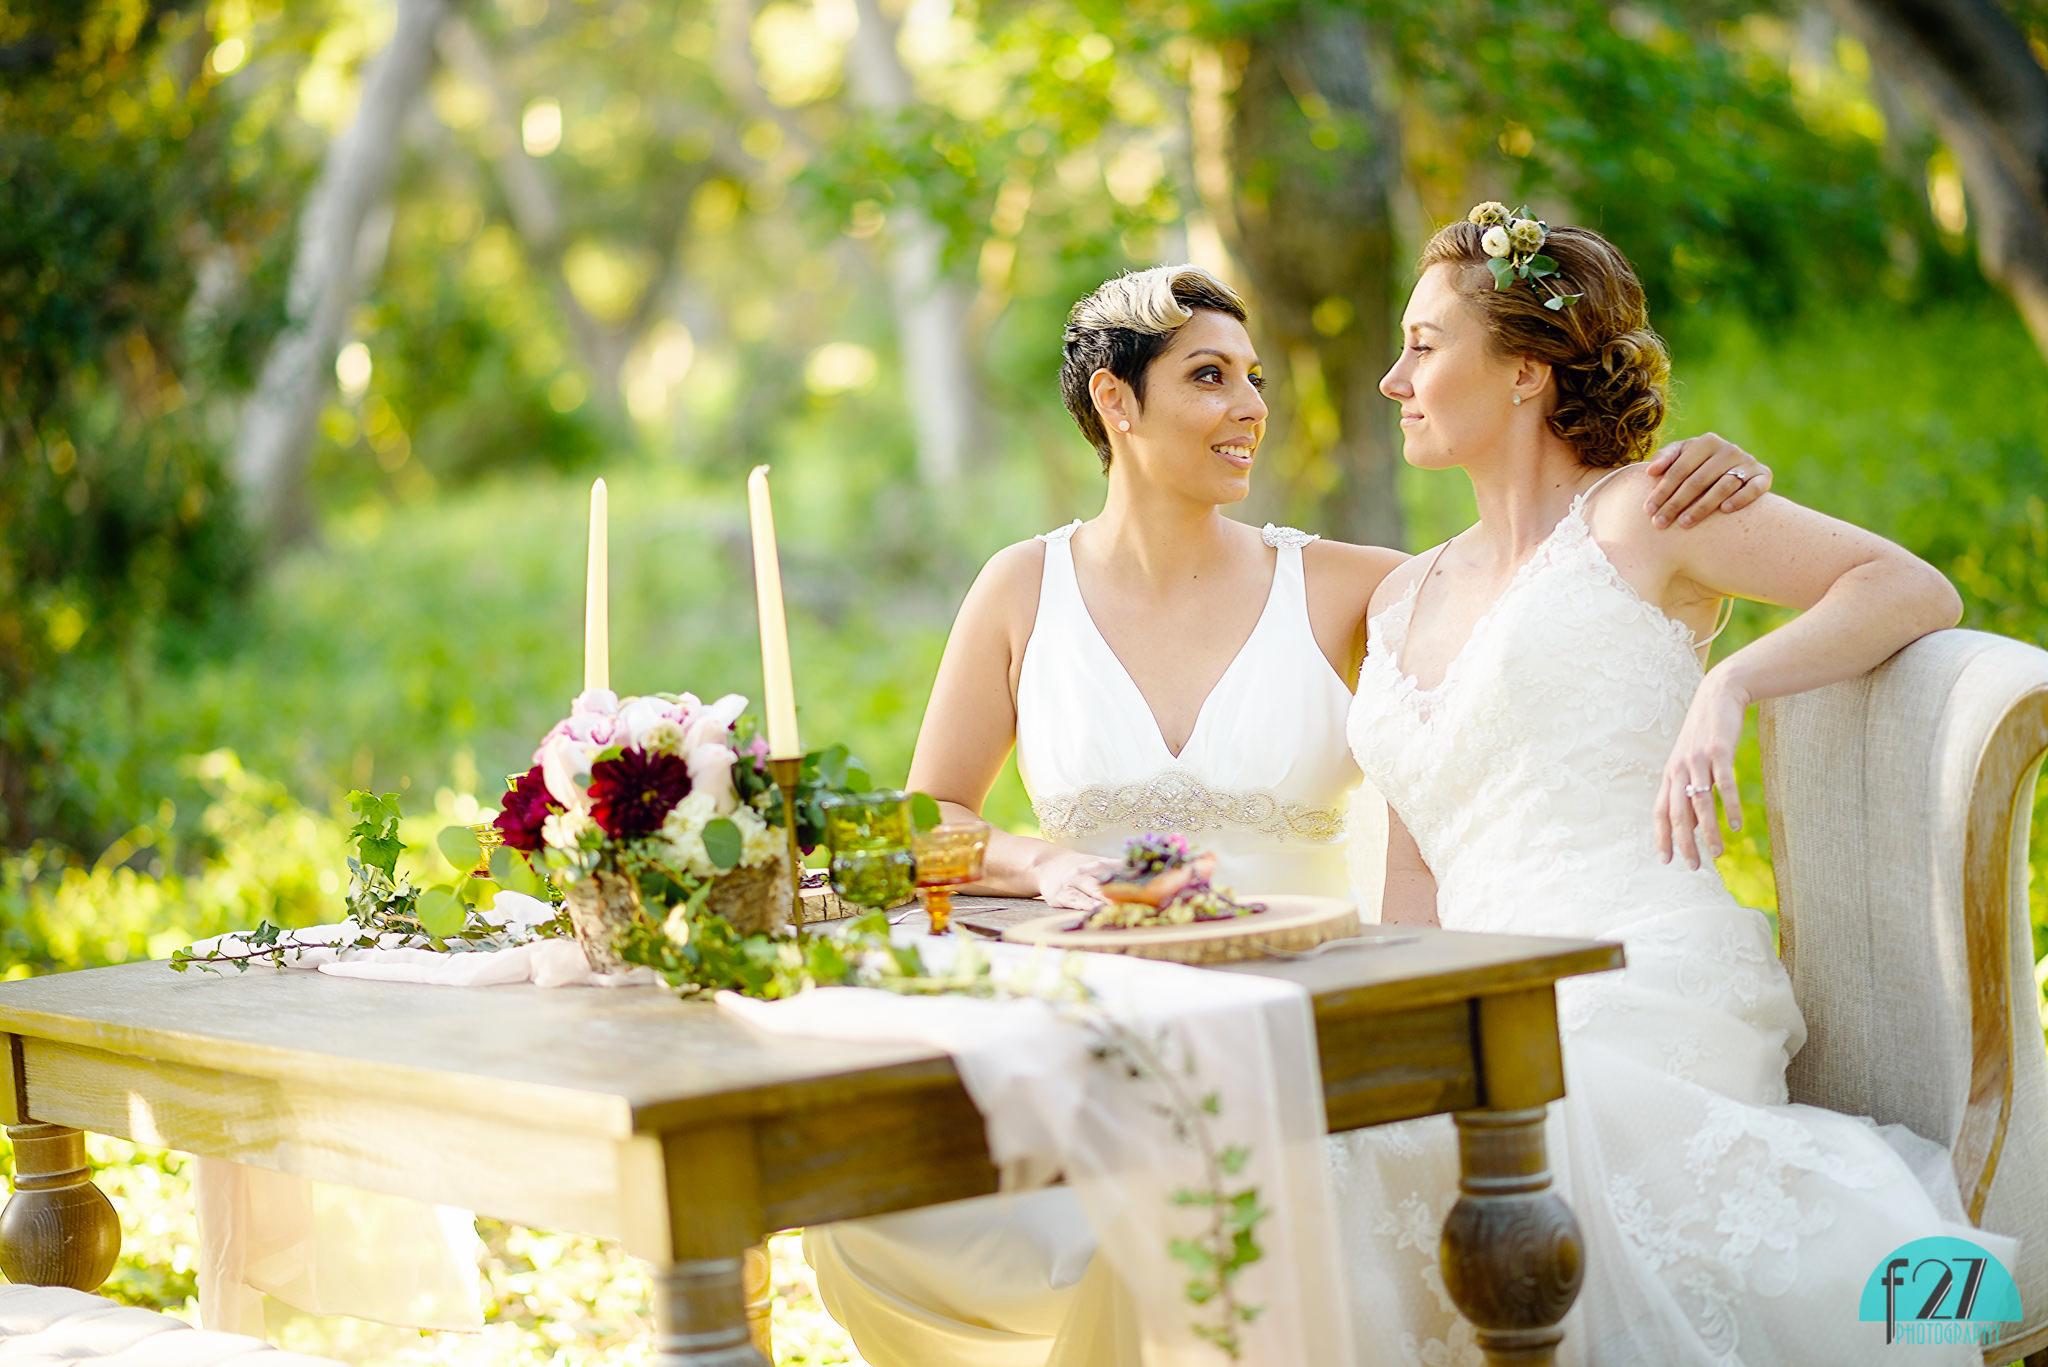 Tina & Joselle's Sweetheart Table